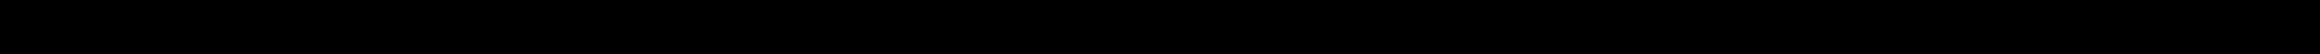 METZGER 1062545, 1066383, 1079388, 1085854, 1087548 Senzor otacek, manualni prevodovka